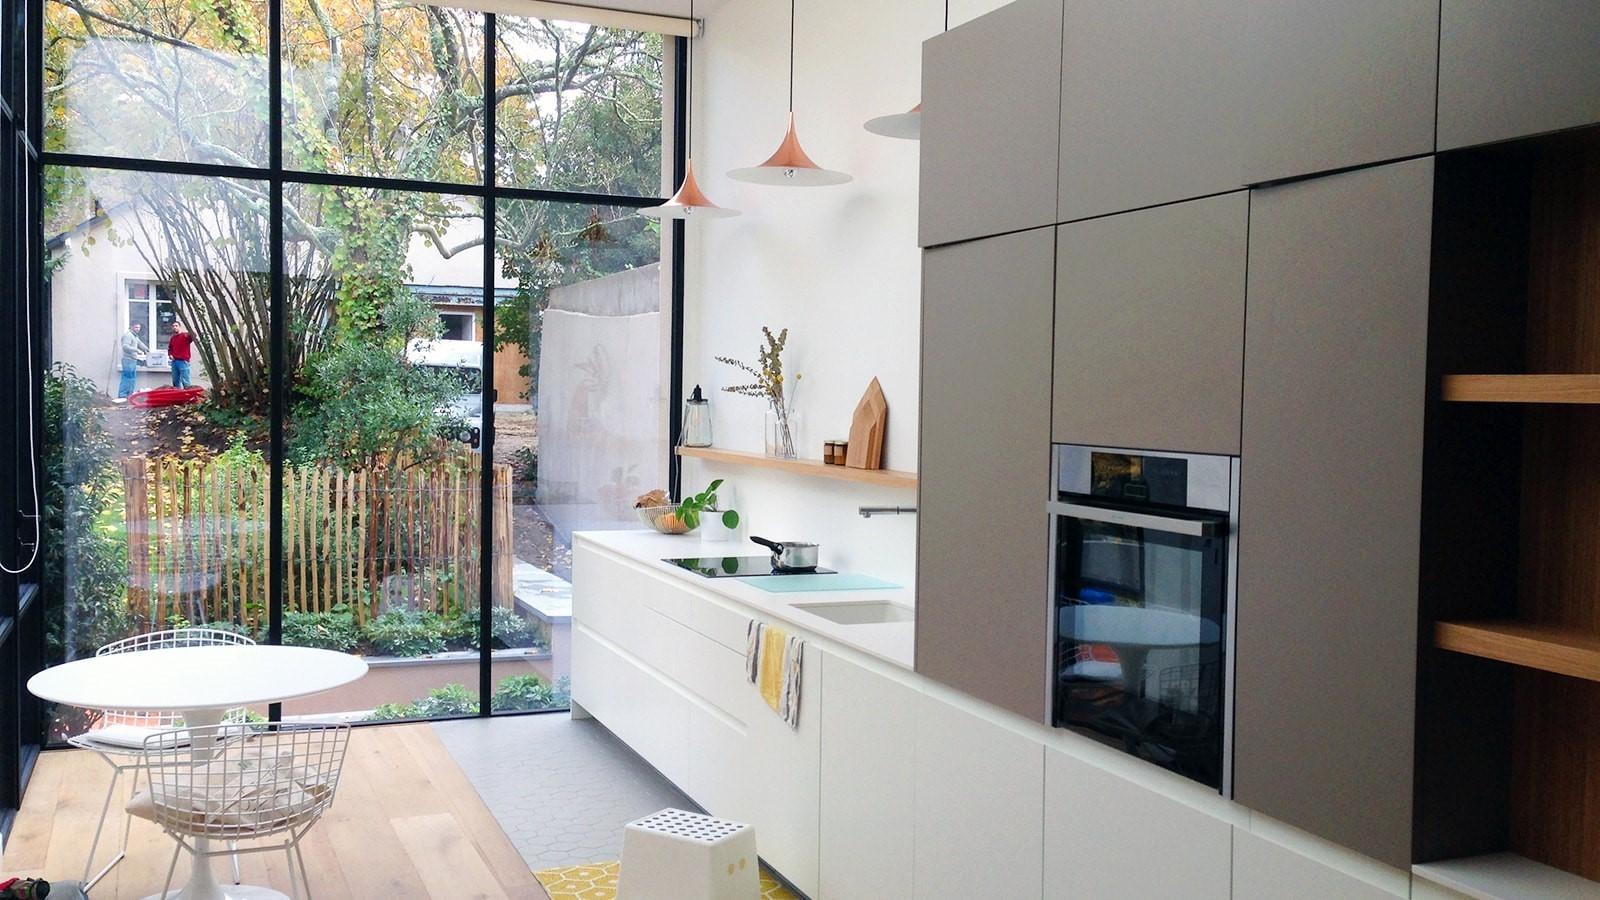 Maison Particuliere Nantes Efi Design (6)